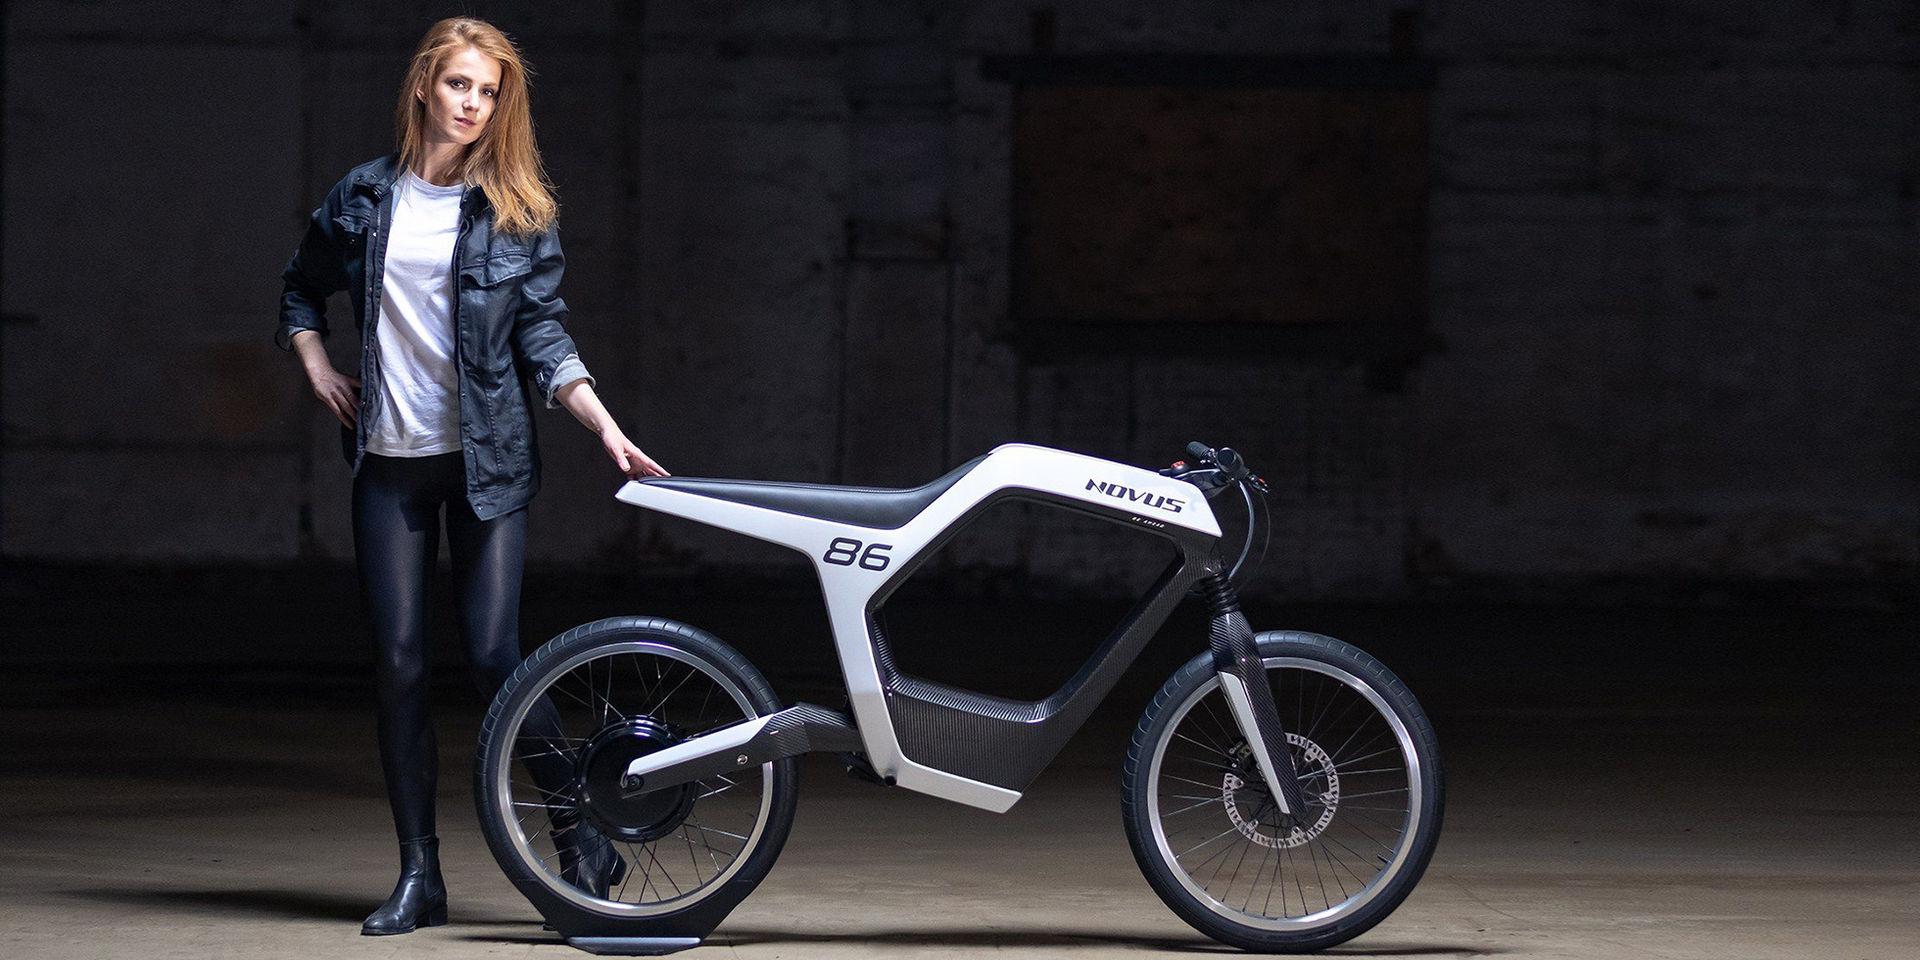 Elegant men dyr eldriven motorcykel